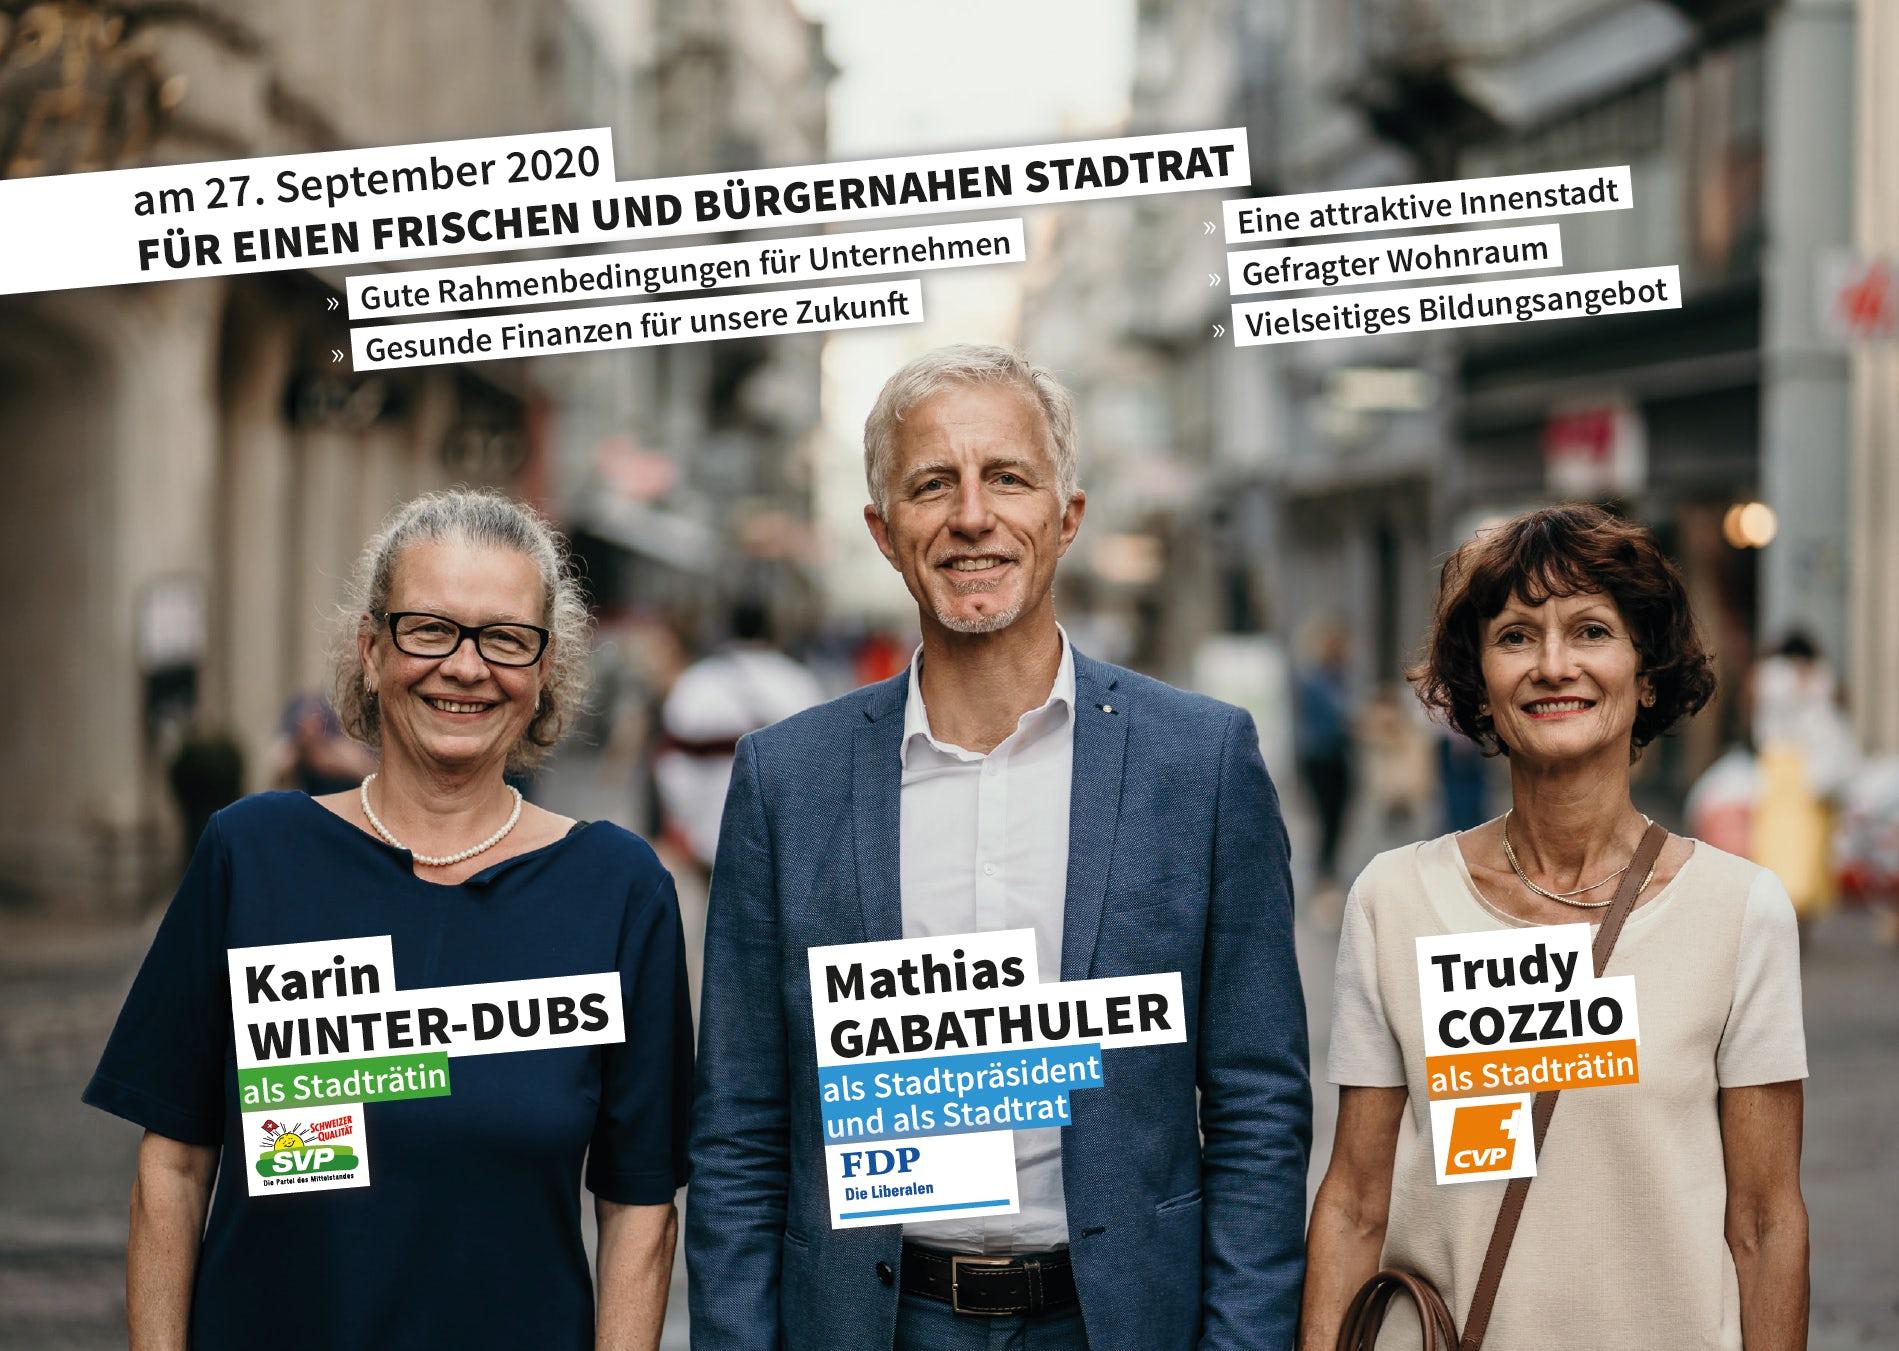 Bürgerliche Allianz 14.9. bis 27.9.